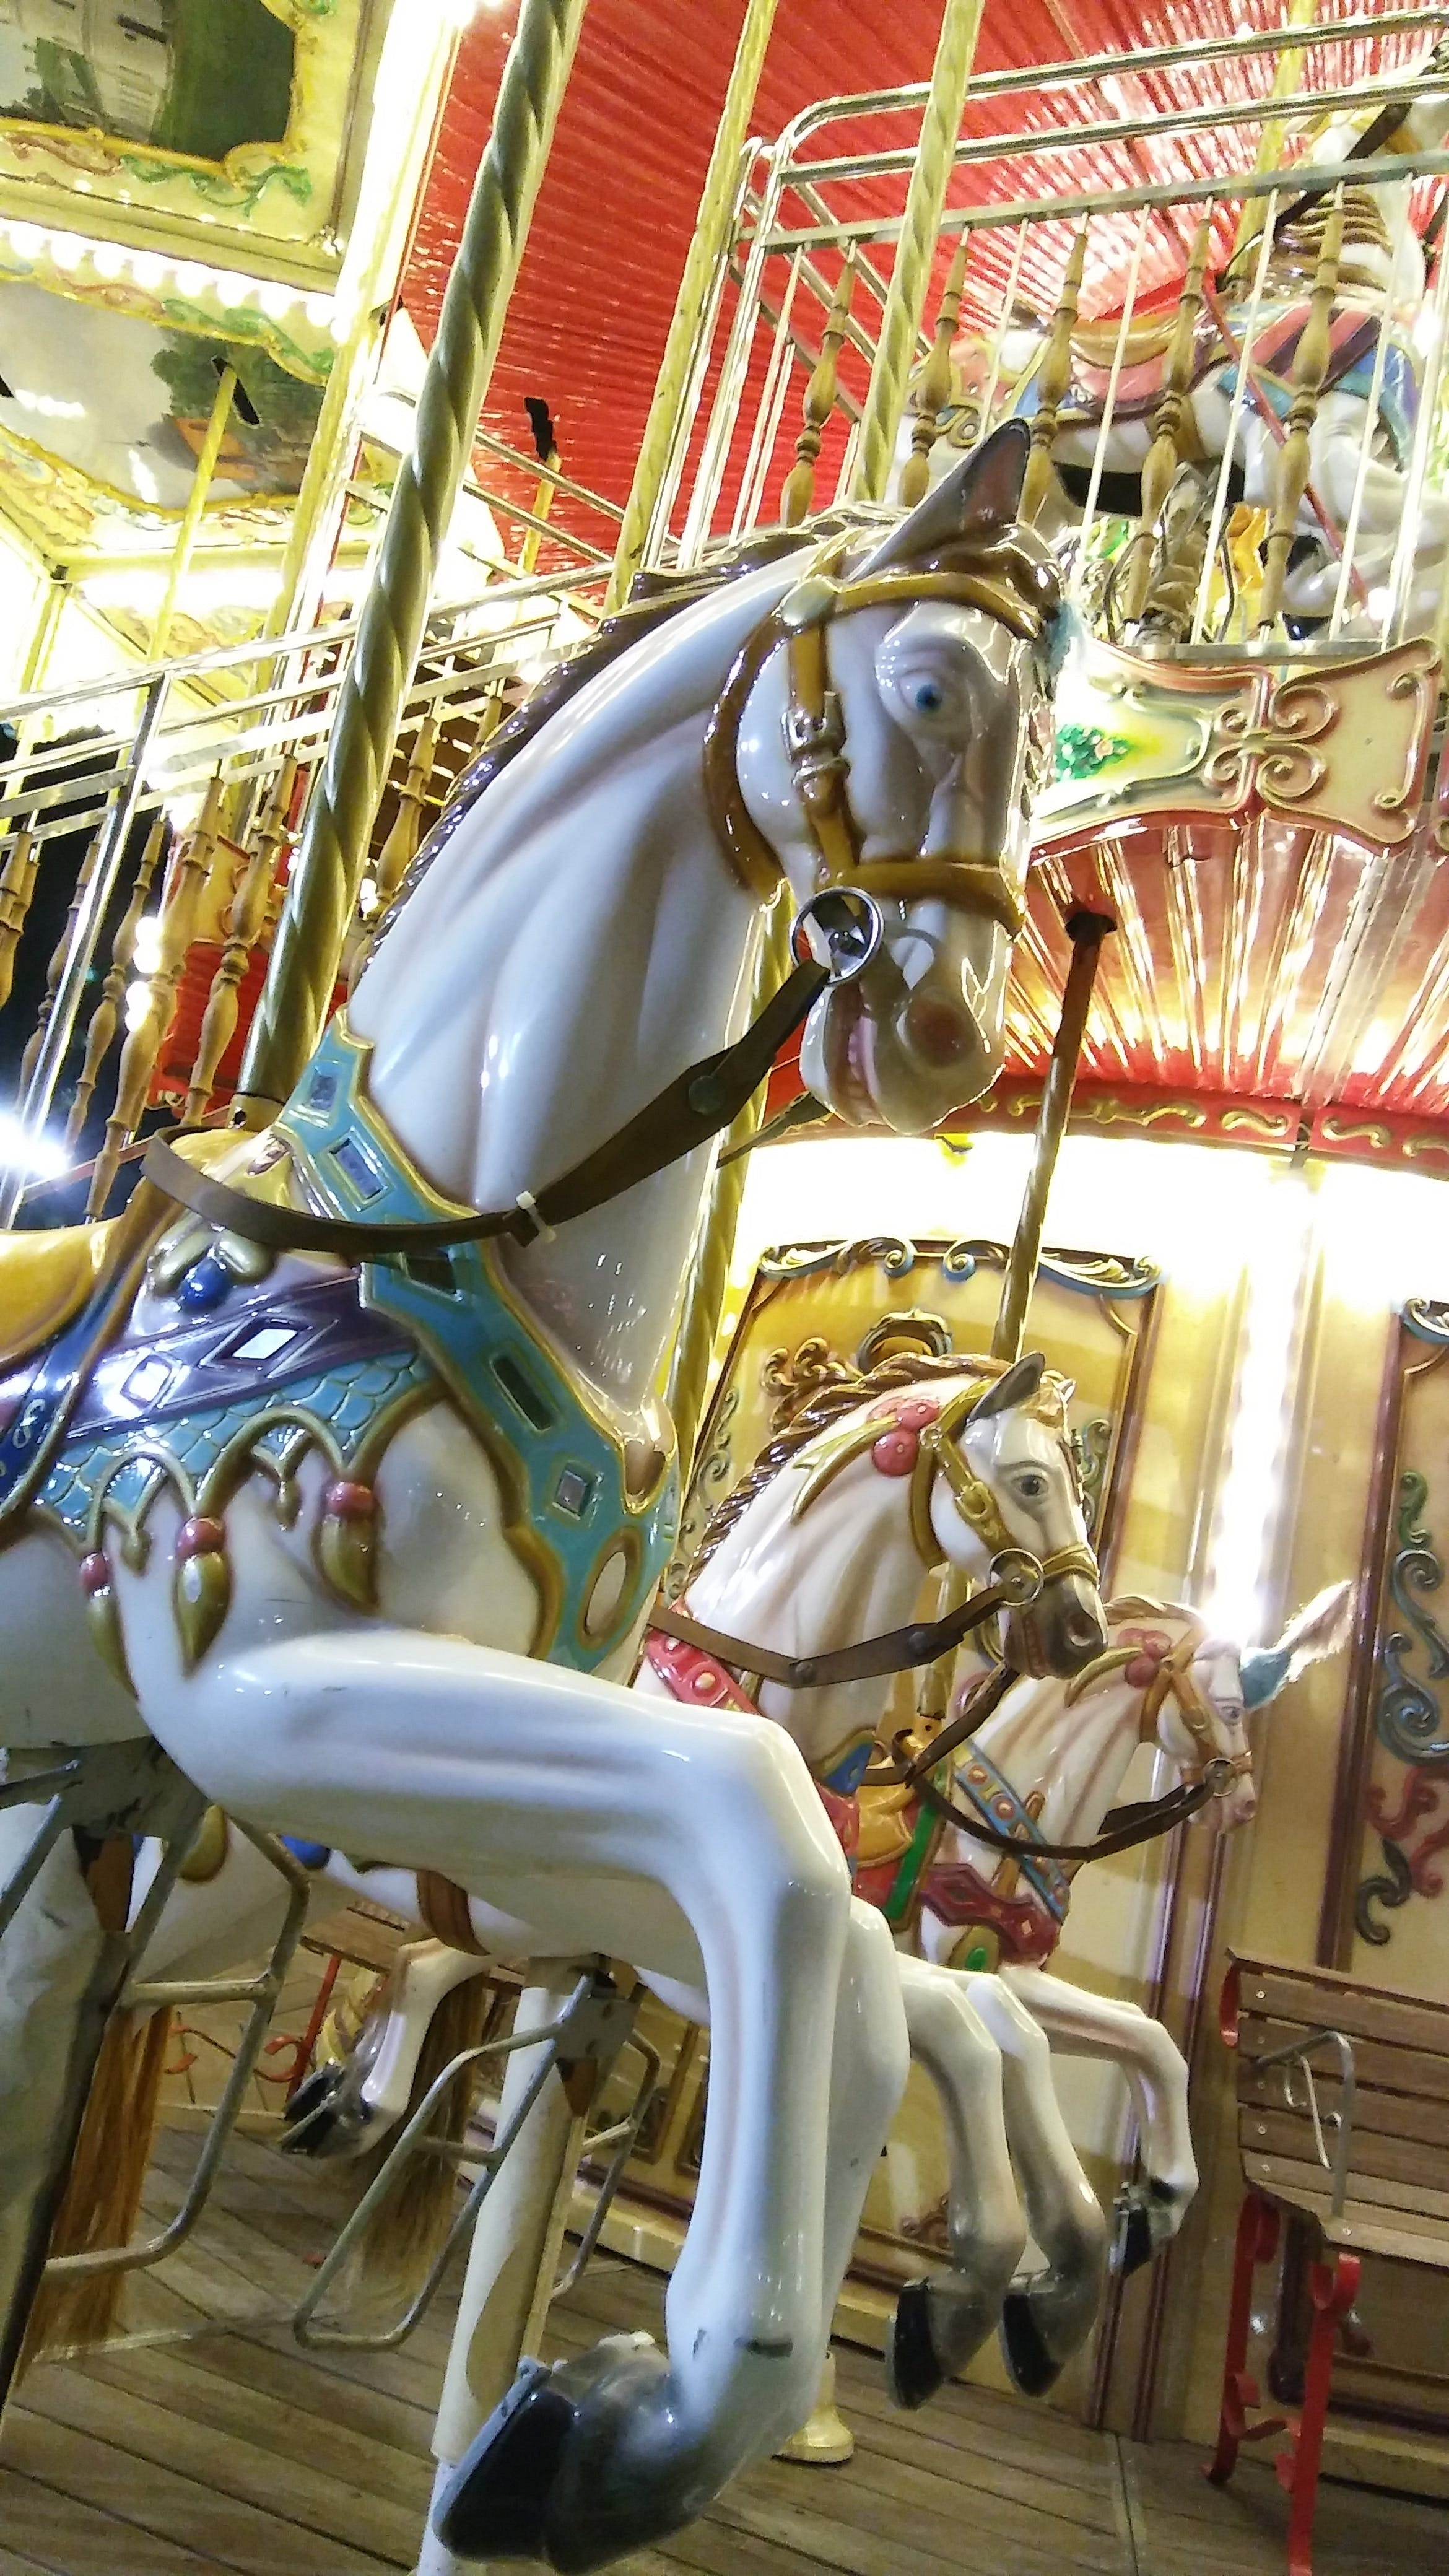 Ingyenes stockfotó fehér ló, játékfigura, körhinta, ló témában